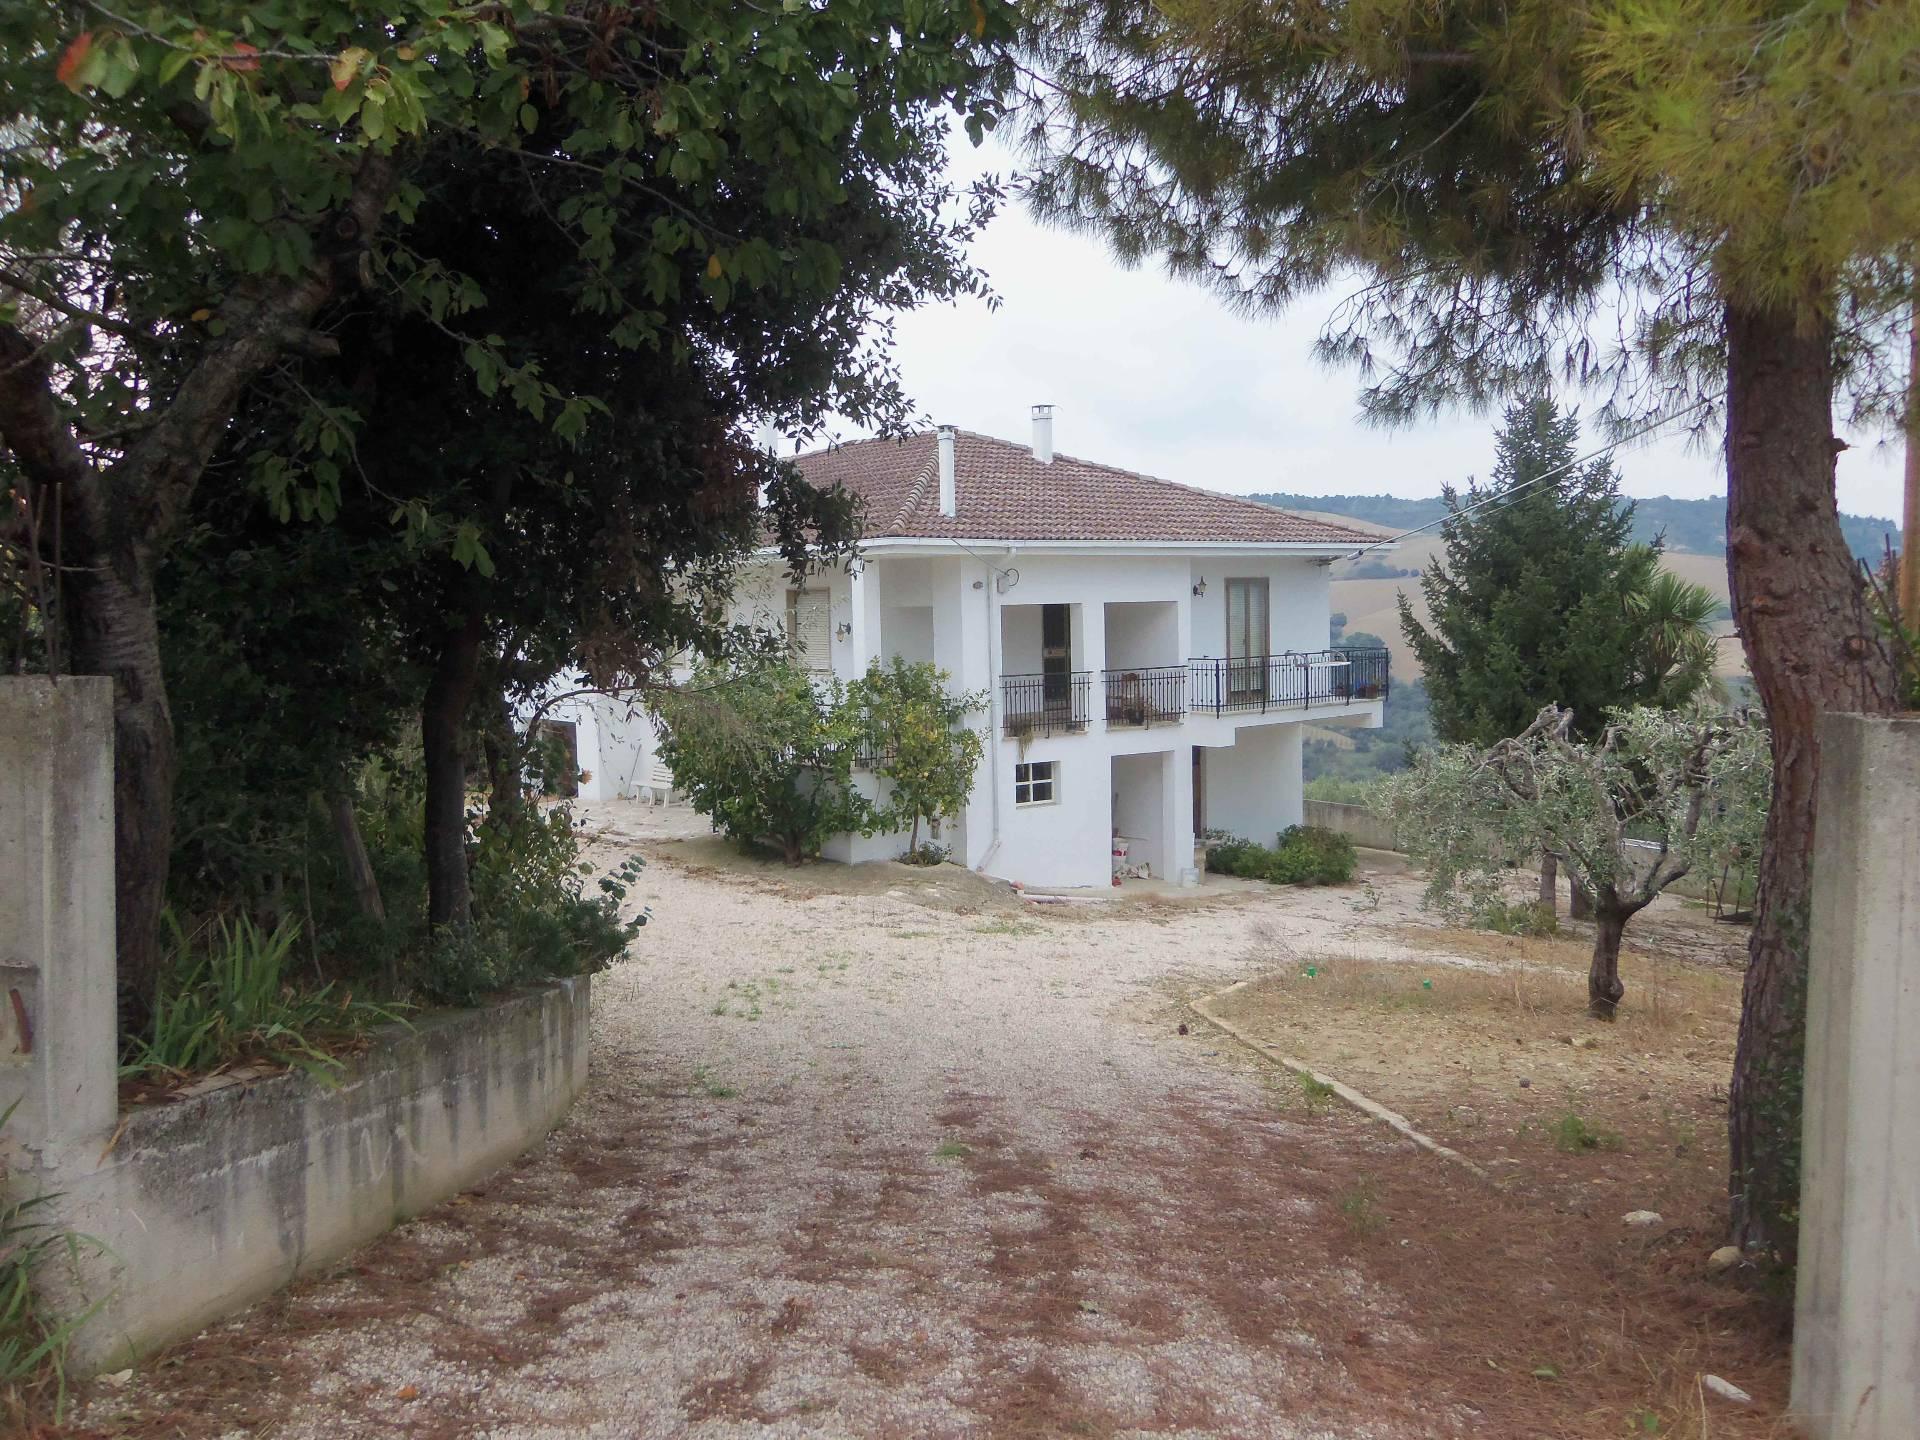 Rustico / Casale in vendita a Acquaviva Picena, 10 locali, prezzo € 150.000   Cambio Casa.it